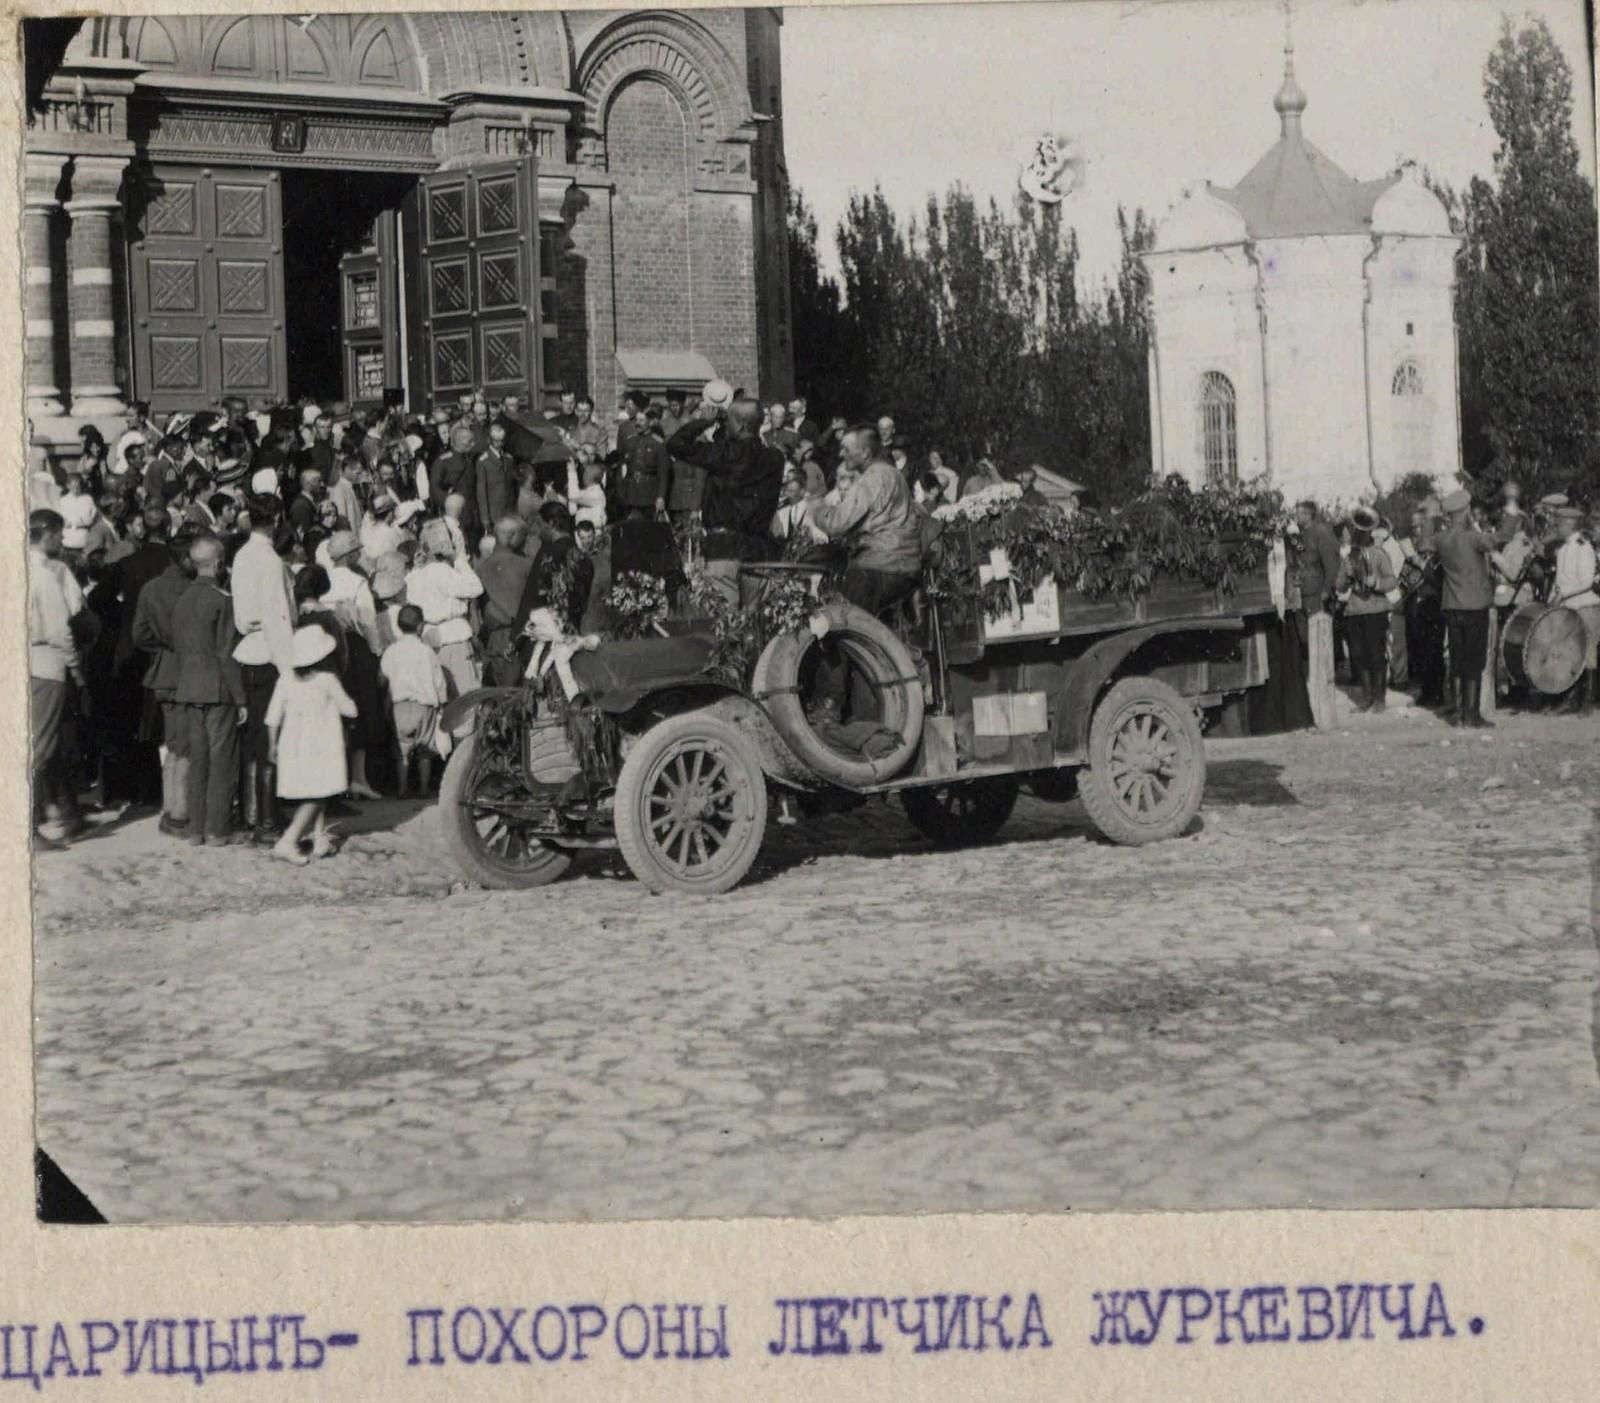 1919. Царицын. Похороны лётчика подпоручика Василия Журкевича